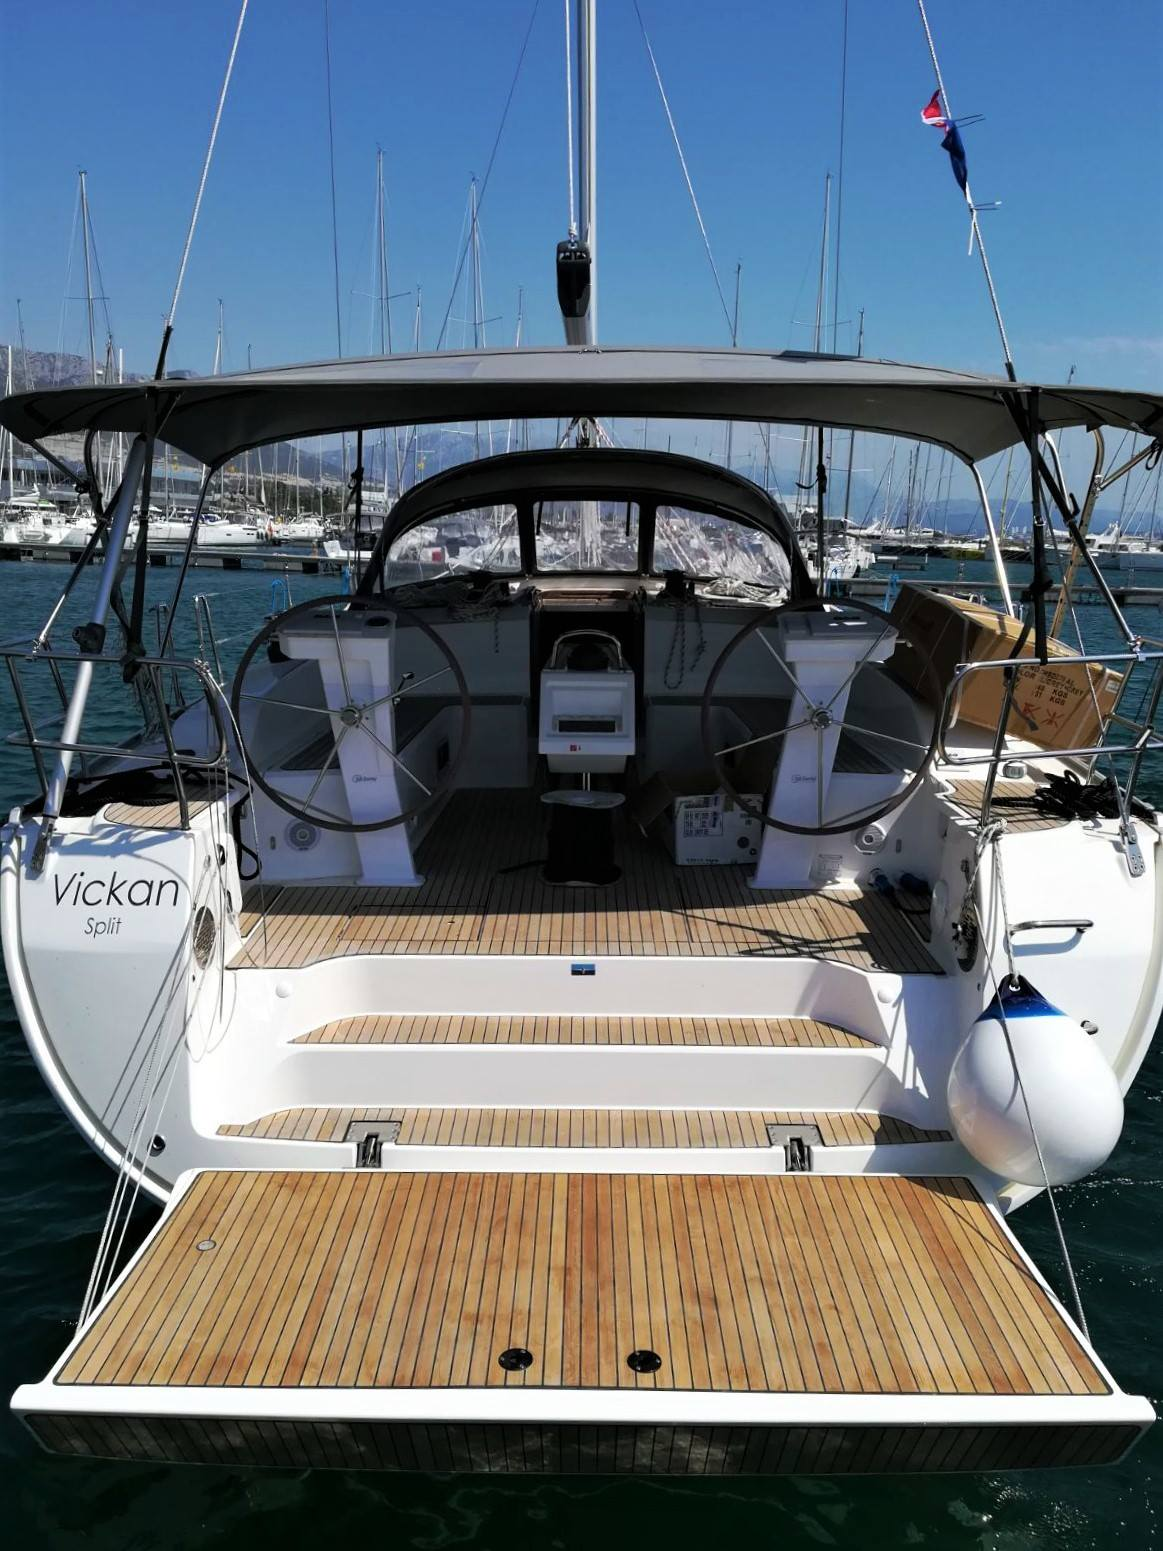 Yachtcharter BavariaCruiser51 Vickan